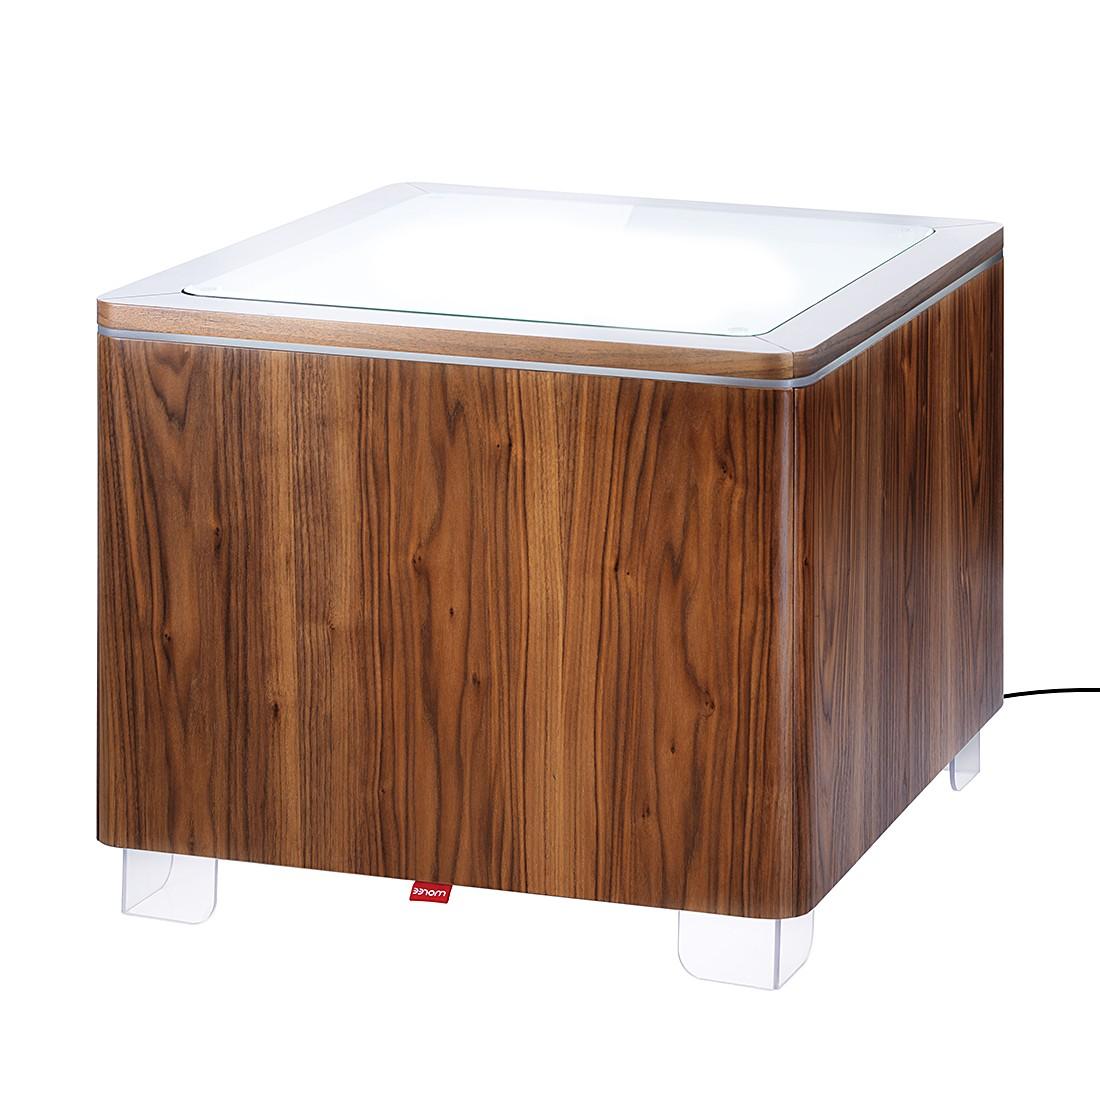 beistelltisch ora walnuss ohne beleuchtung moree kaufen. Black Bedroom Furniture Sets. Home Design Ideas